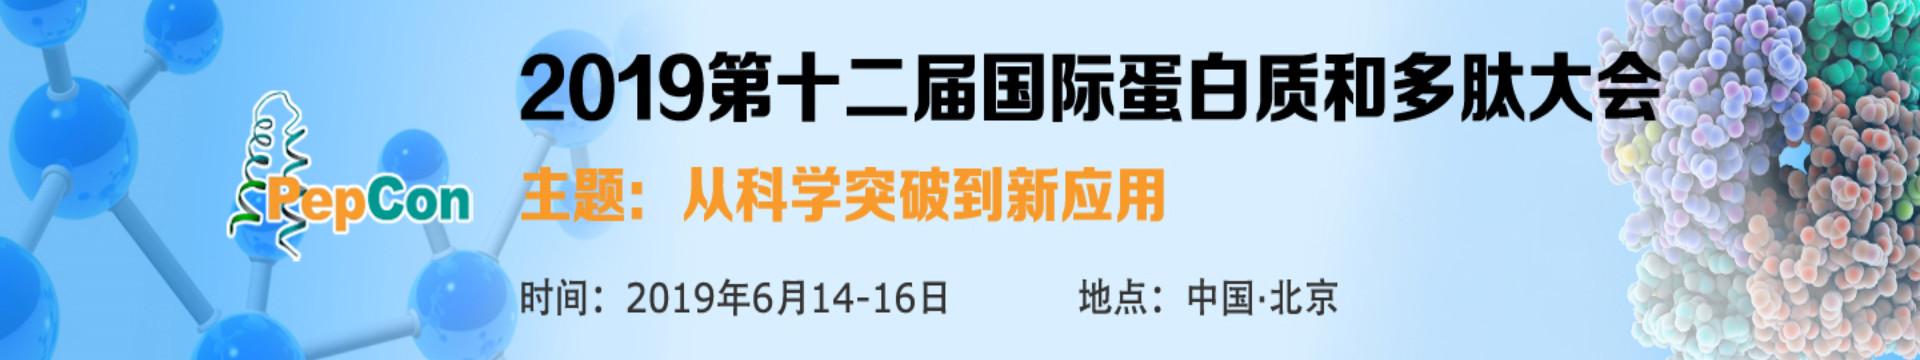 PepCon 2019第十二届国际蛋白质和多肽大会(北京)